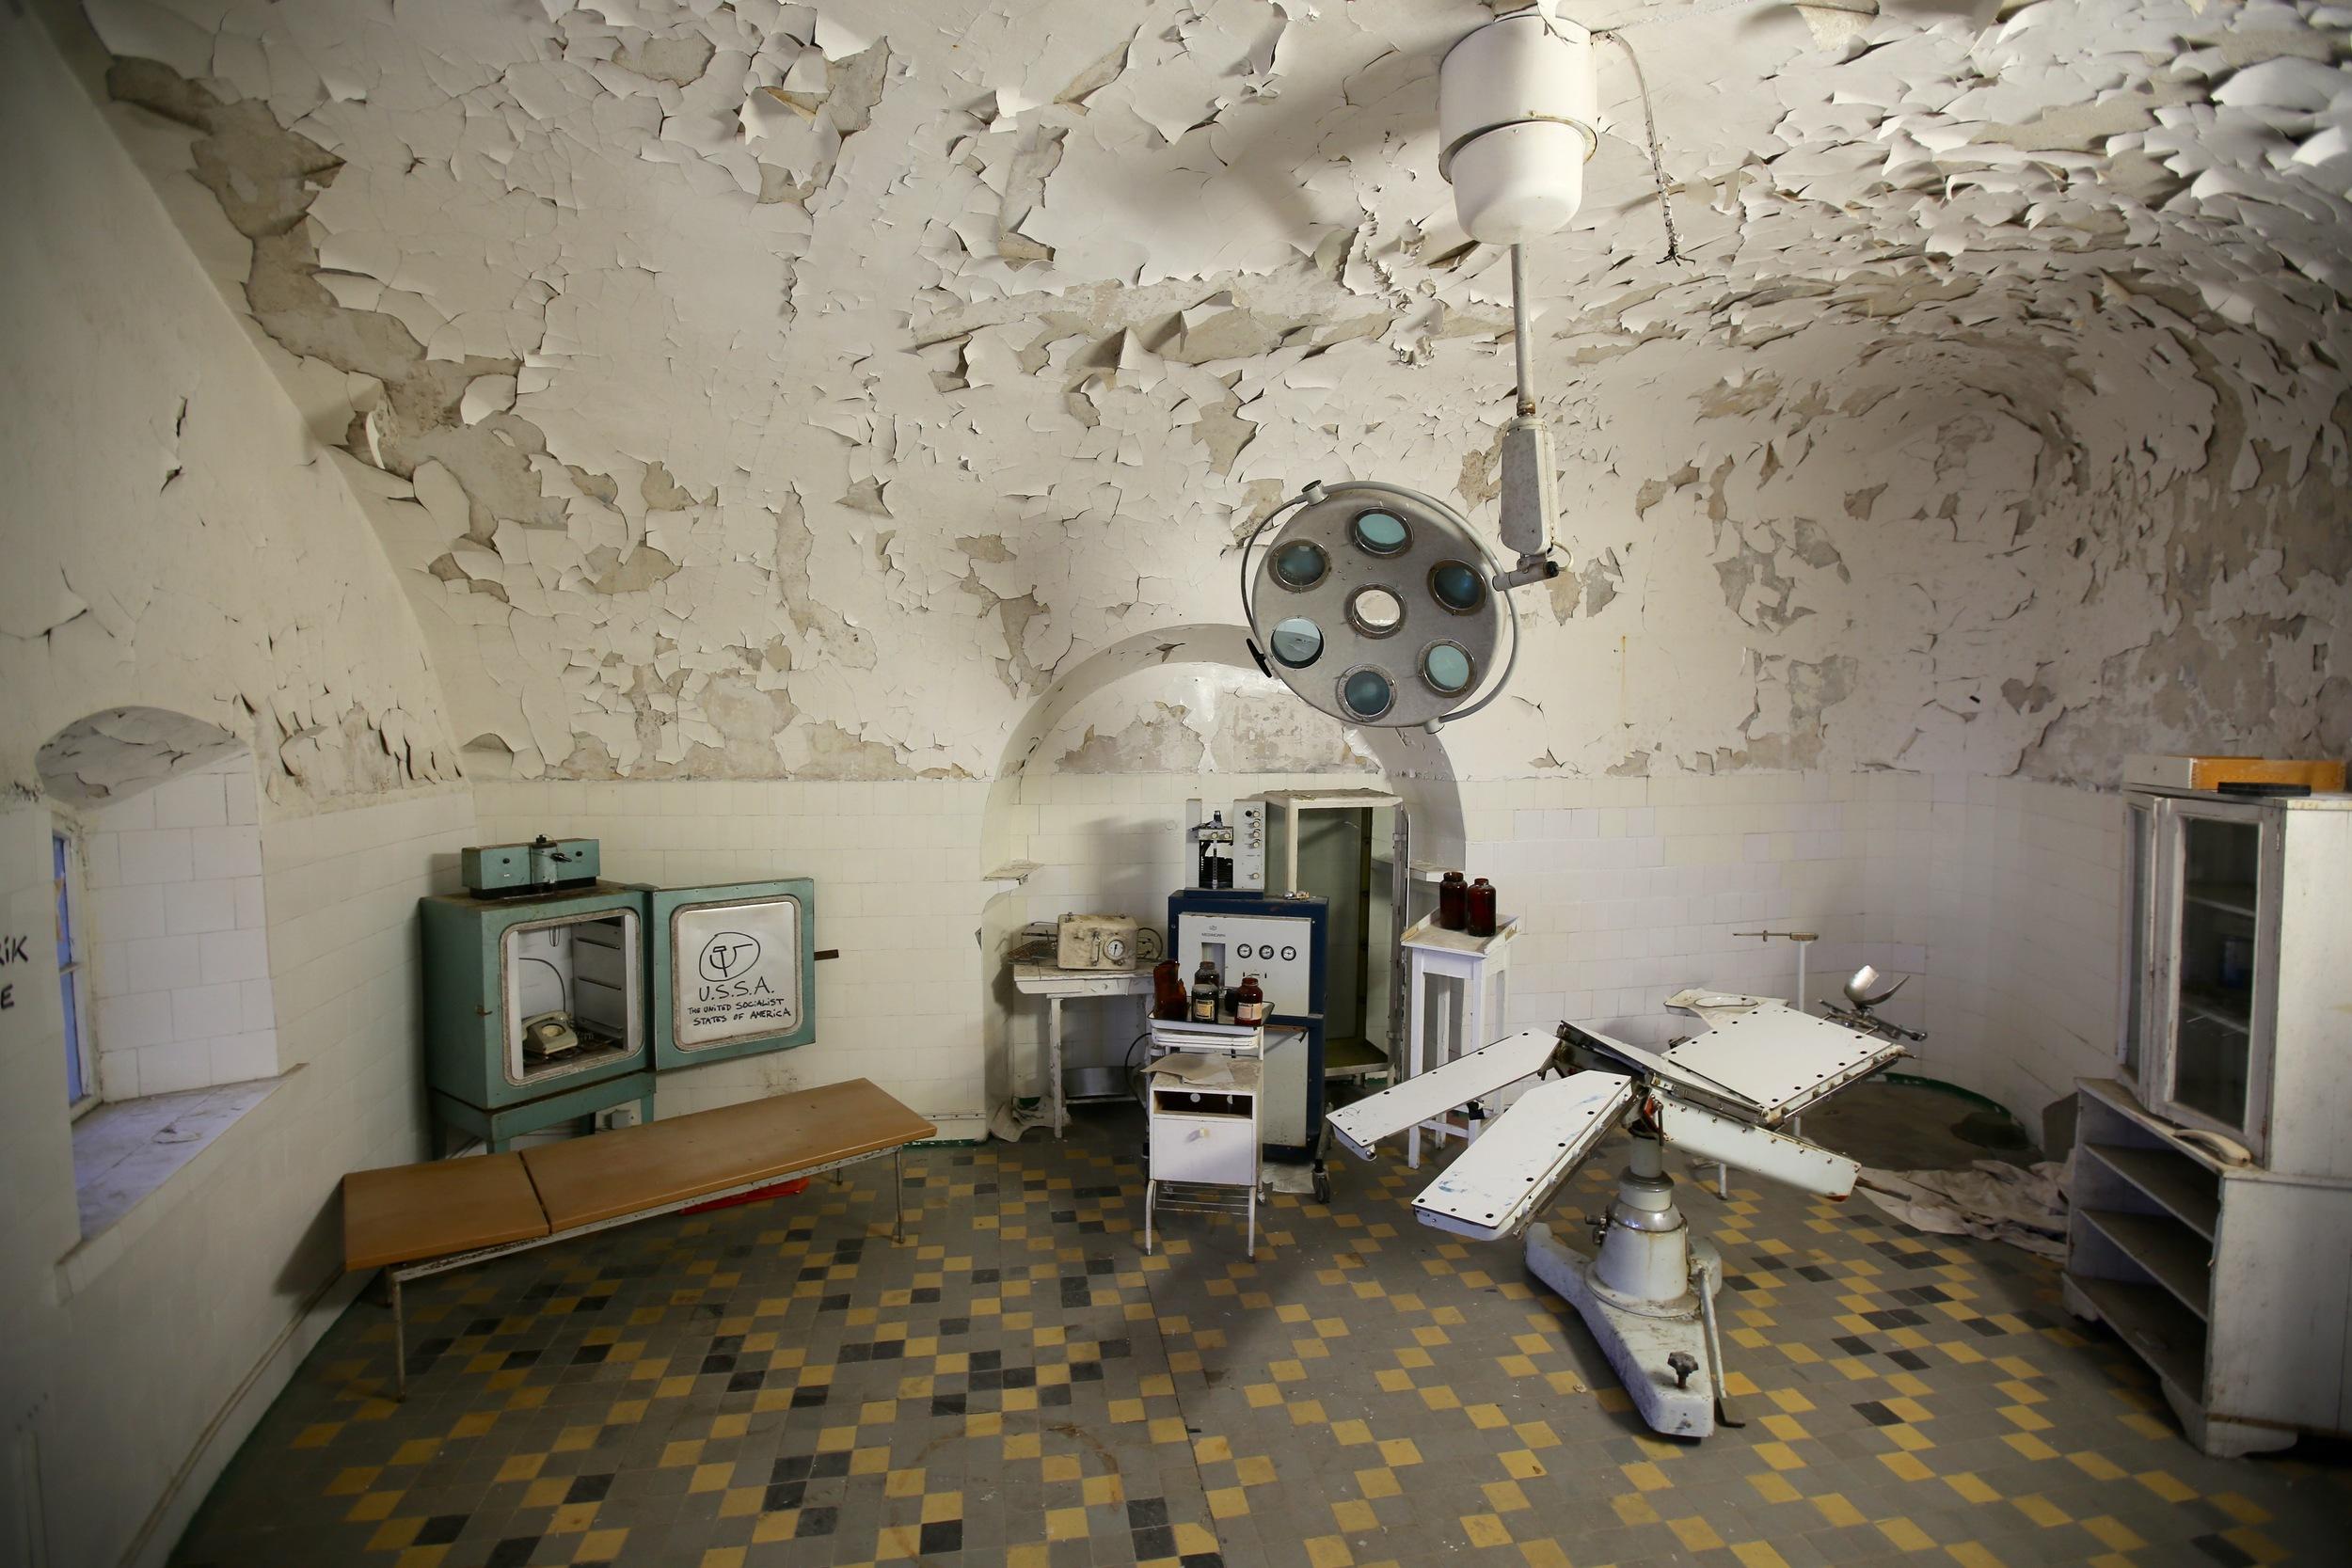 I dette legekontoret i nedlagte Patarel Prison ville du neppe likt å bli behandlet. Foto: Odd Roar Lange